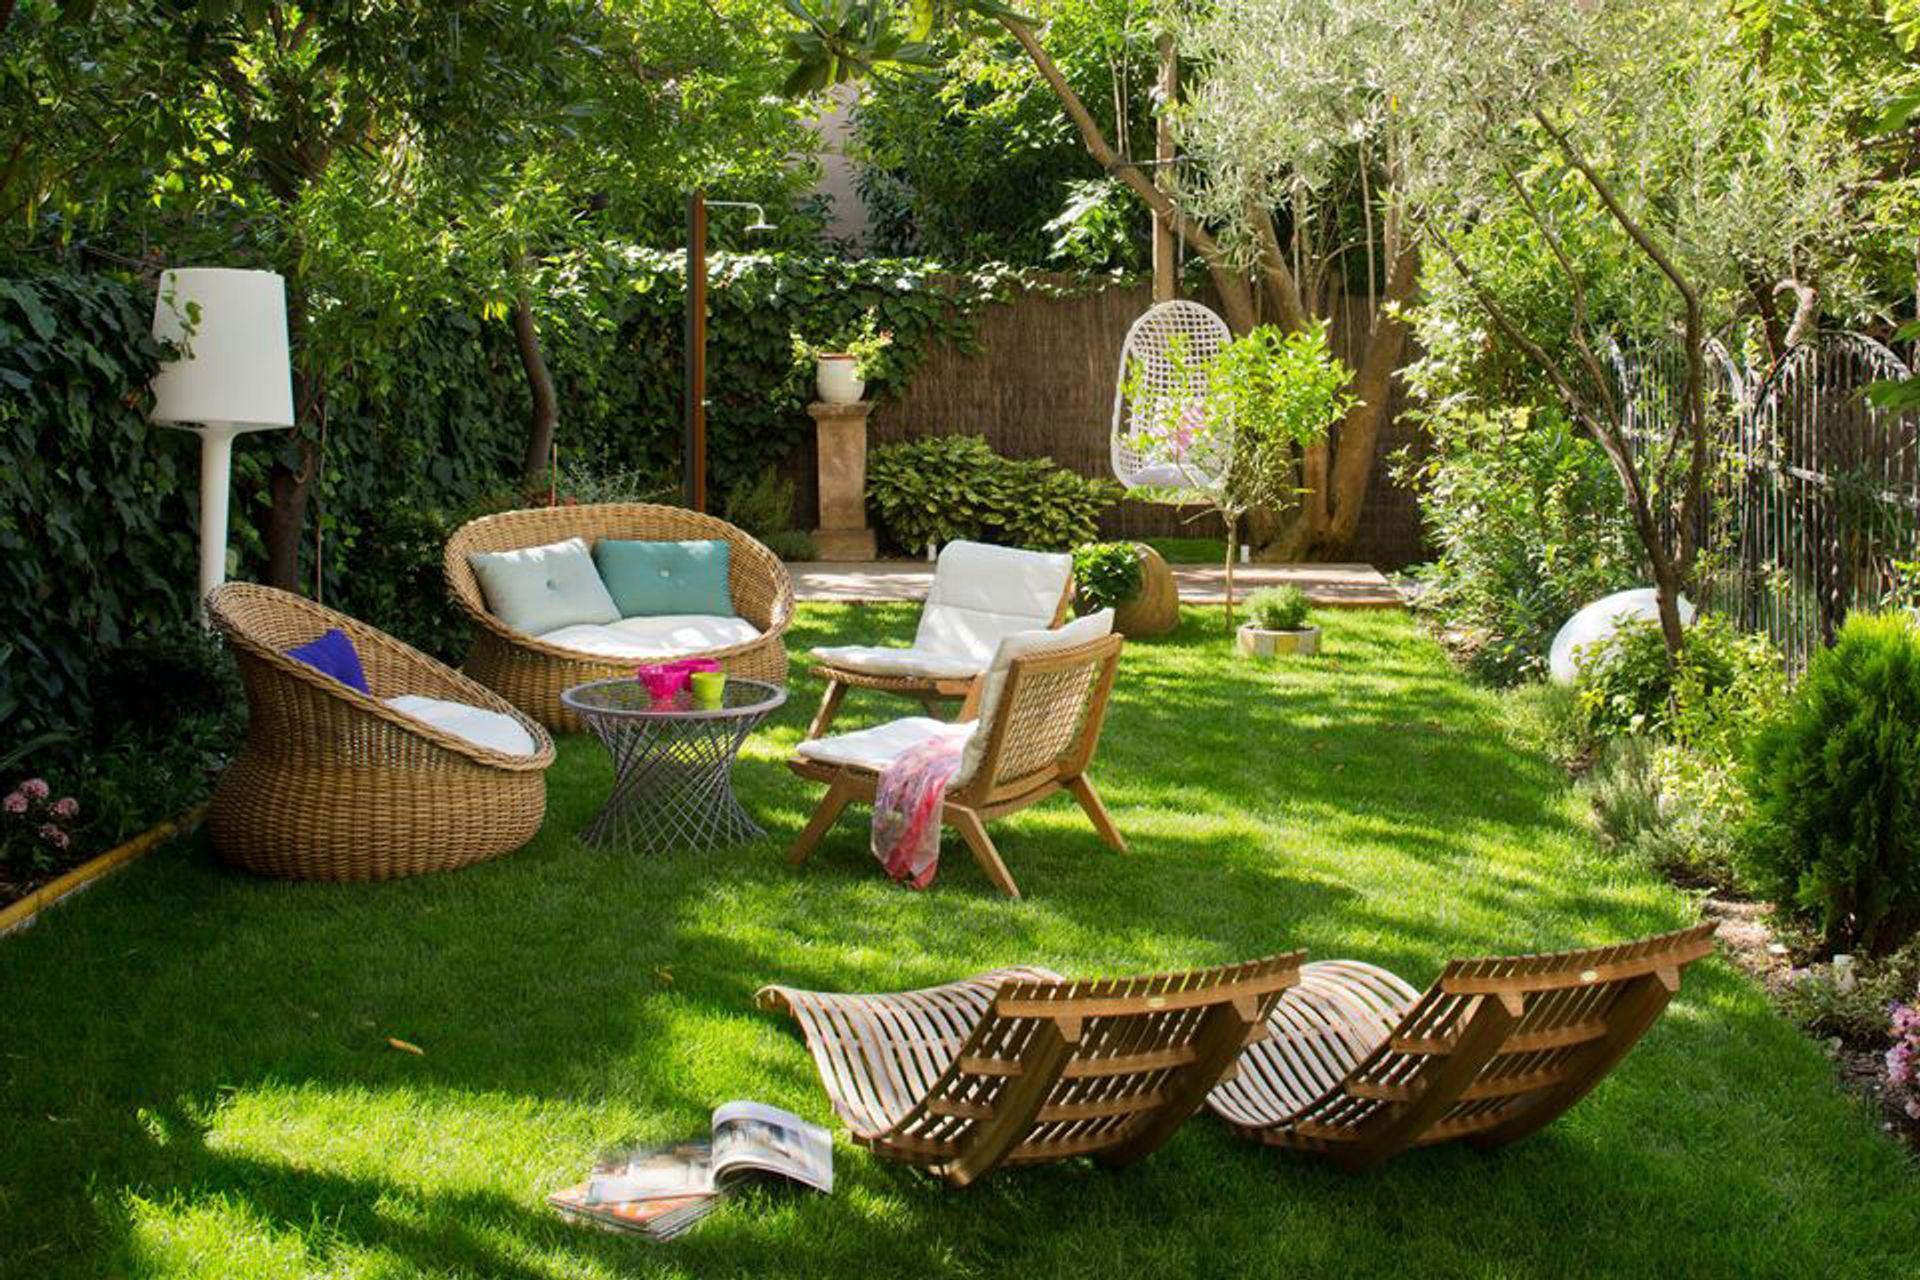 Waarom is het belangrijk om veel groen in je tuin te hebben?